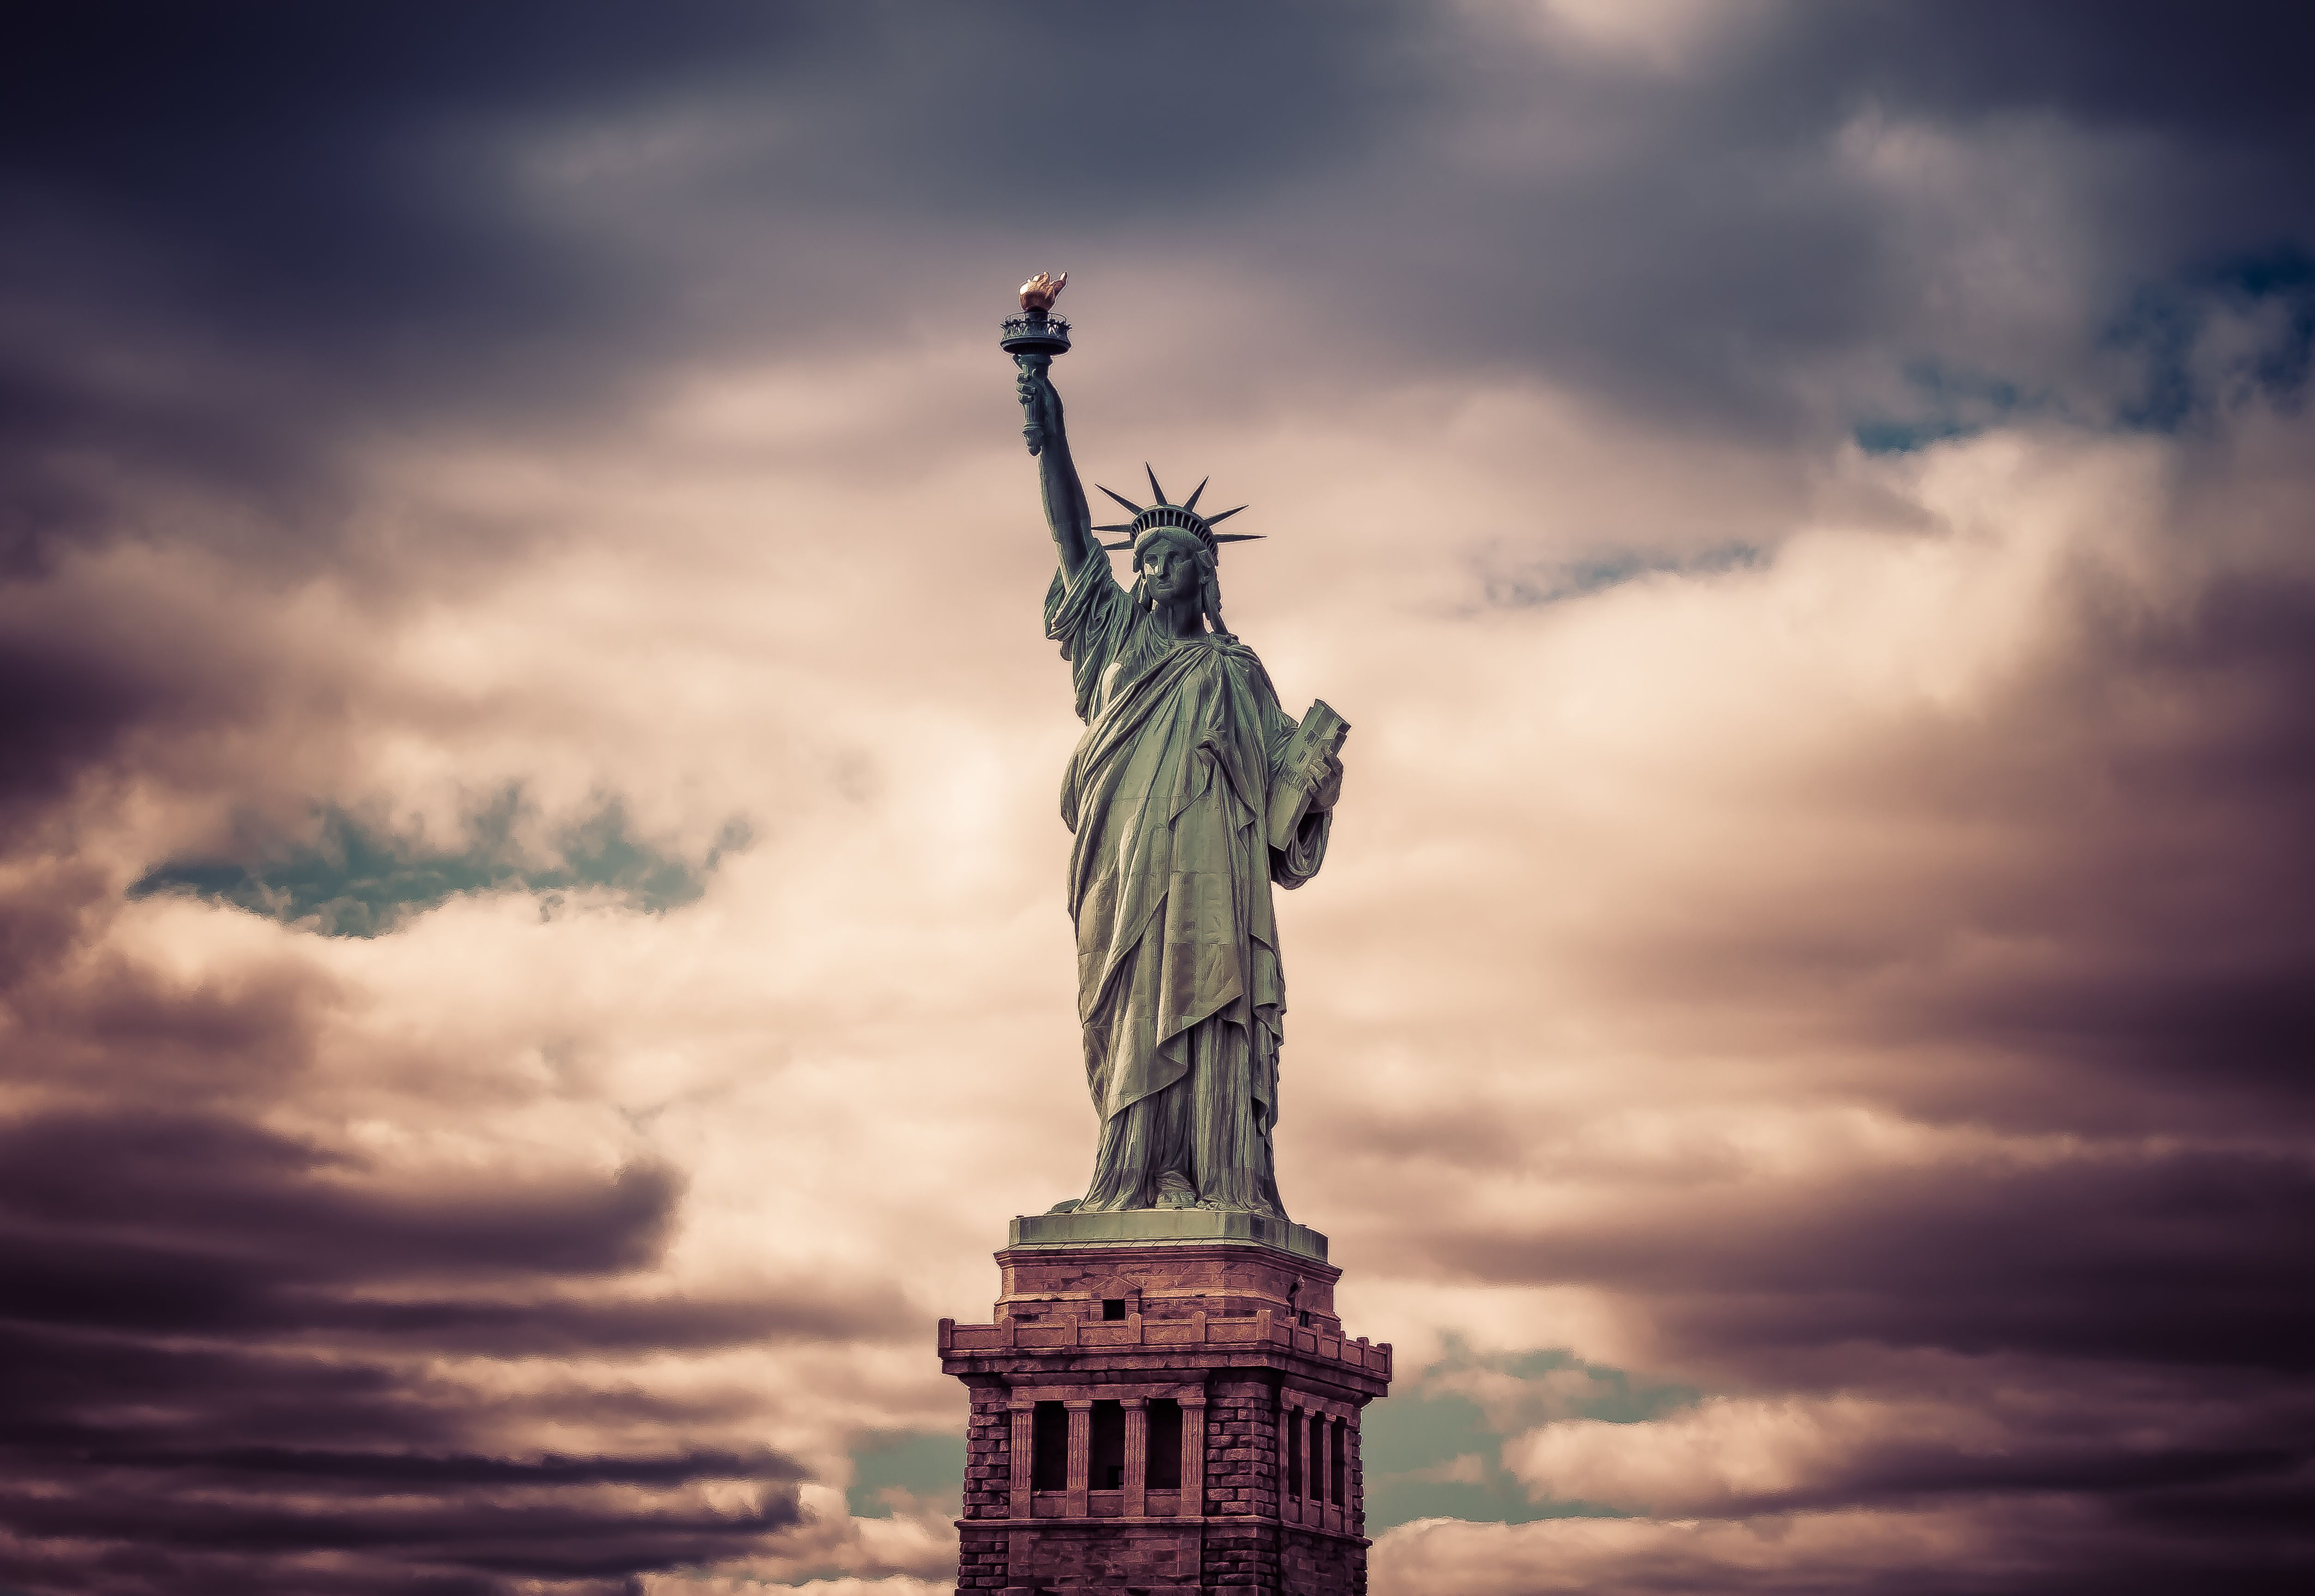 предполагает кроме красивые картинки статуя свободы используется сталкерами